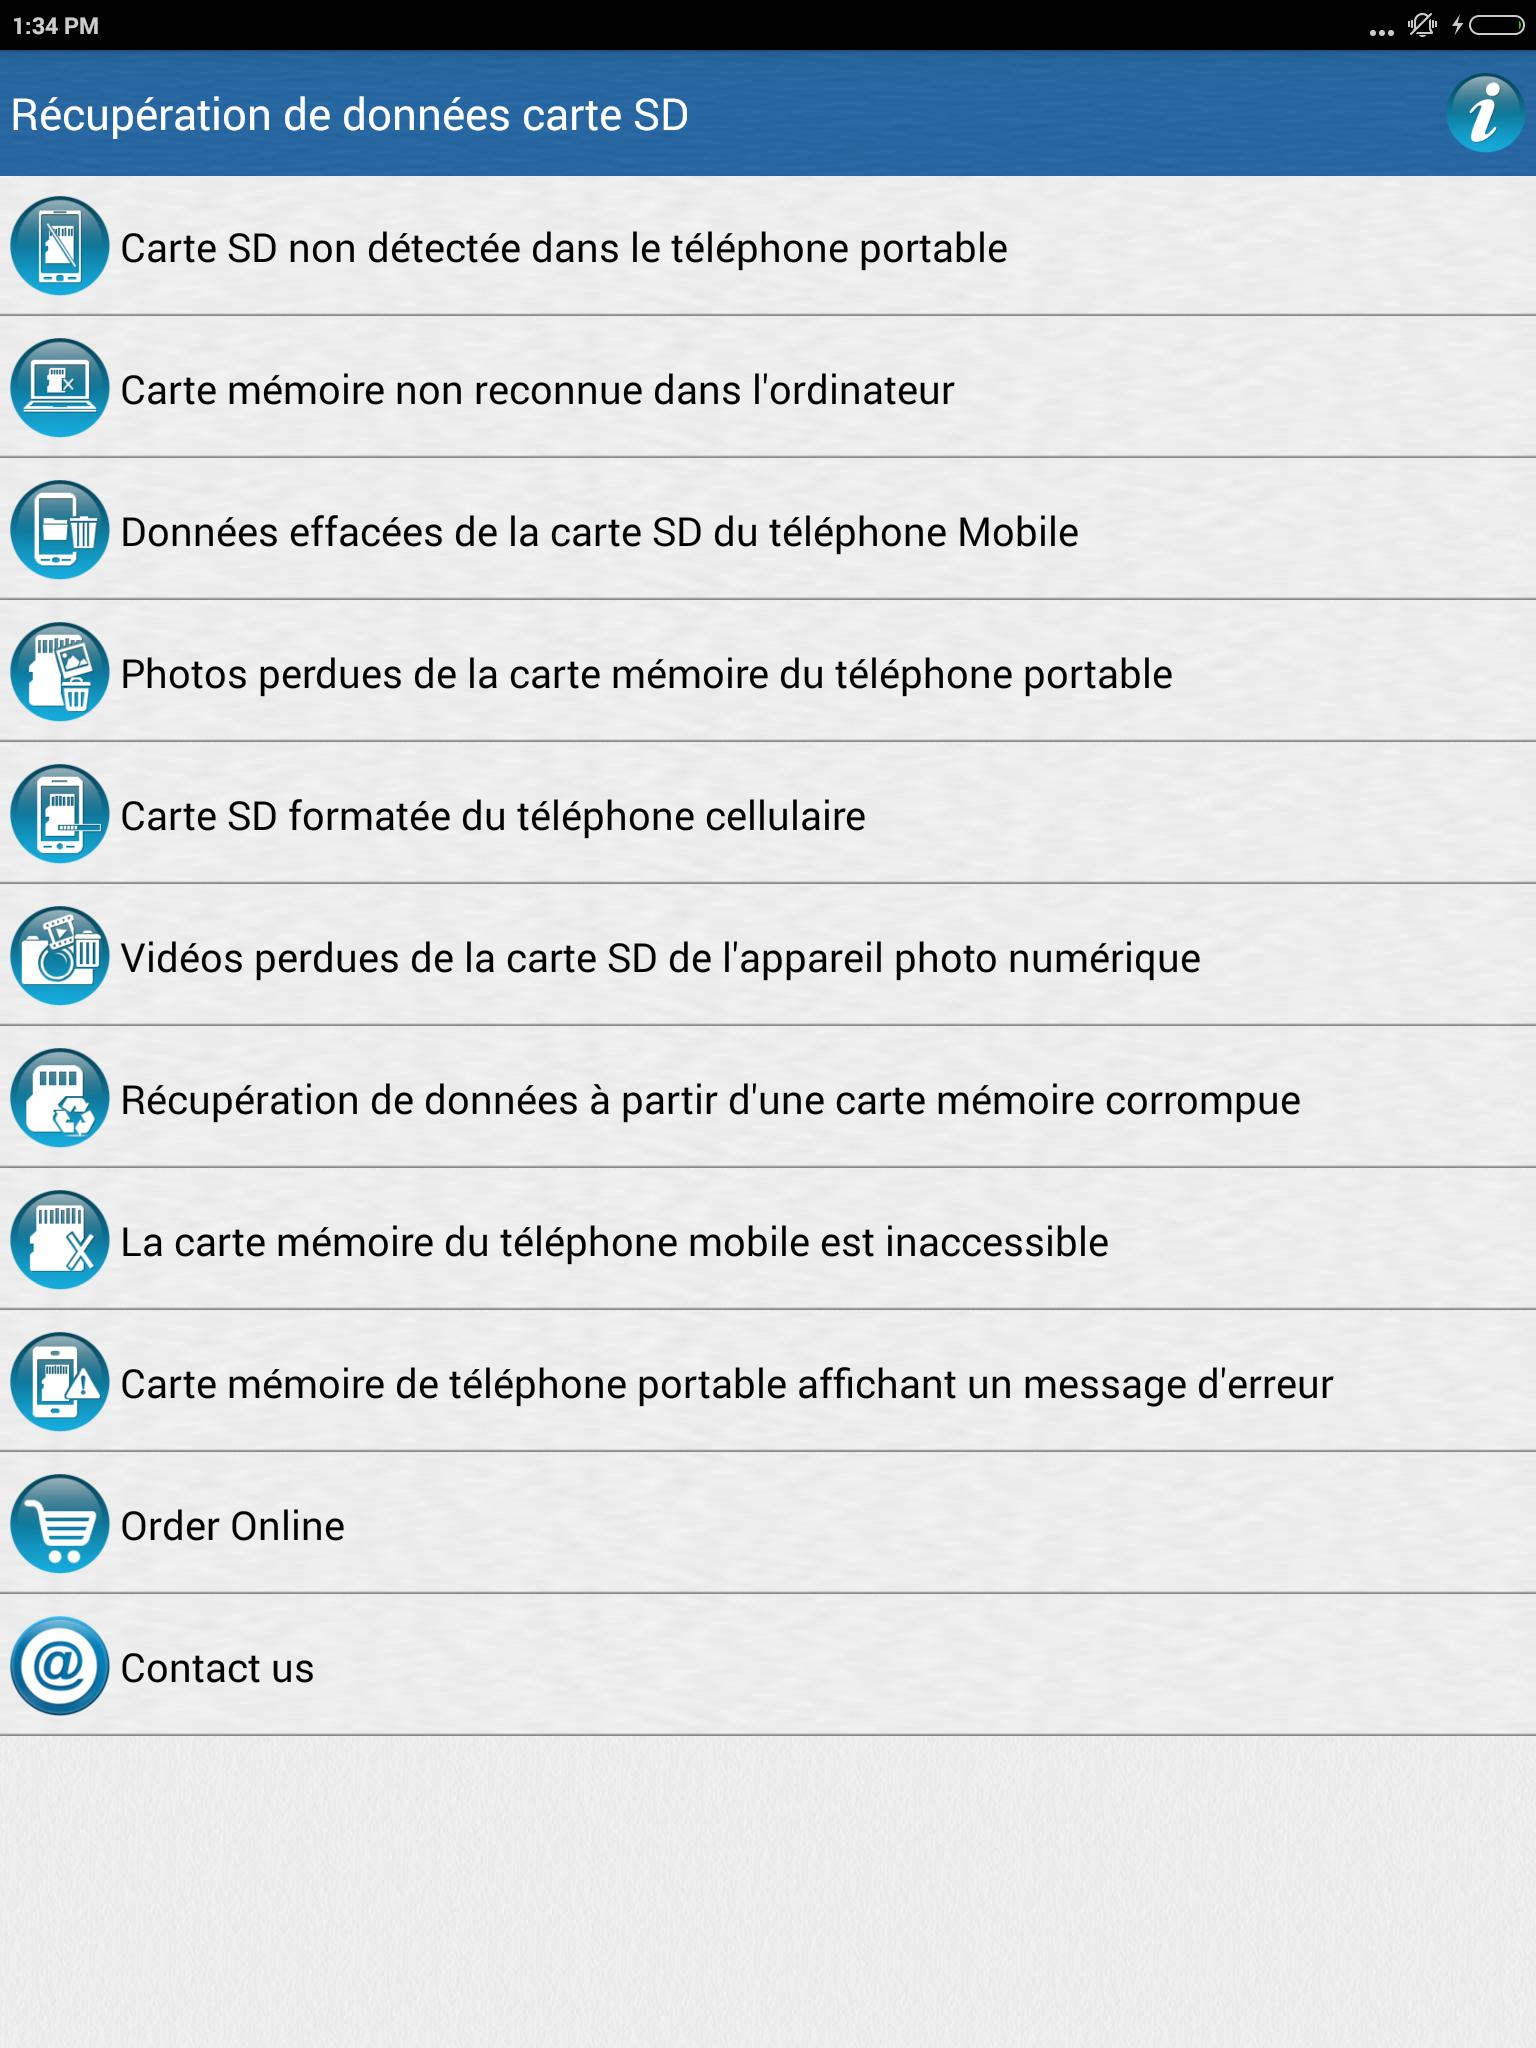 carte sd non détectée android Récupération de données carte SD for Android   APK Download